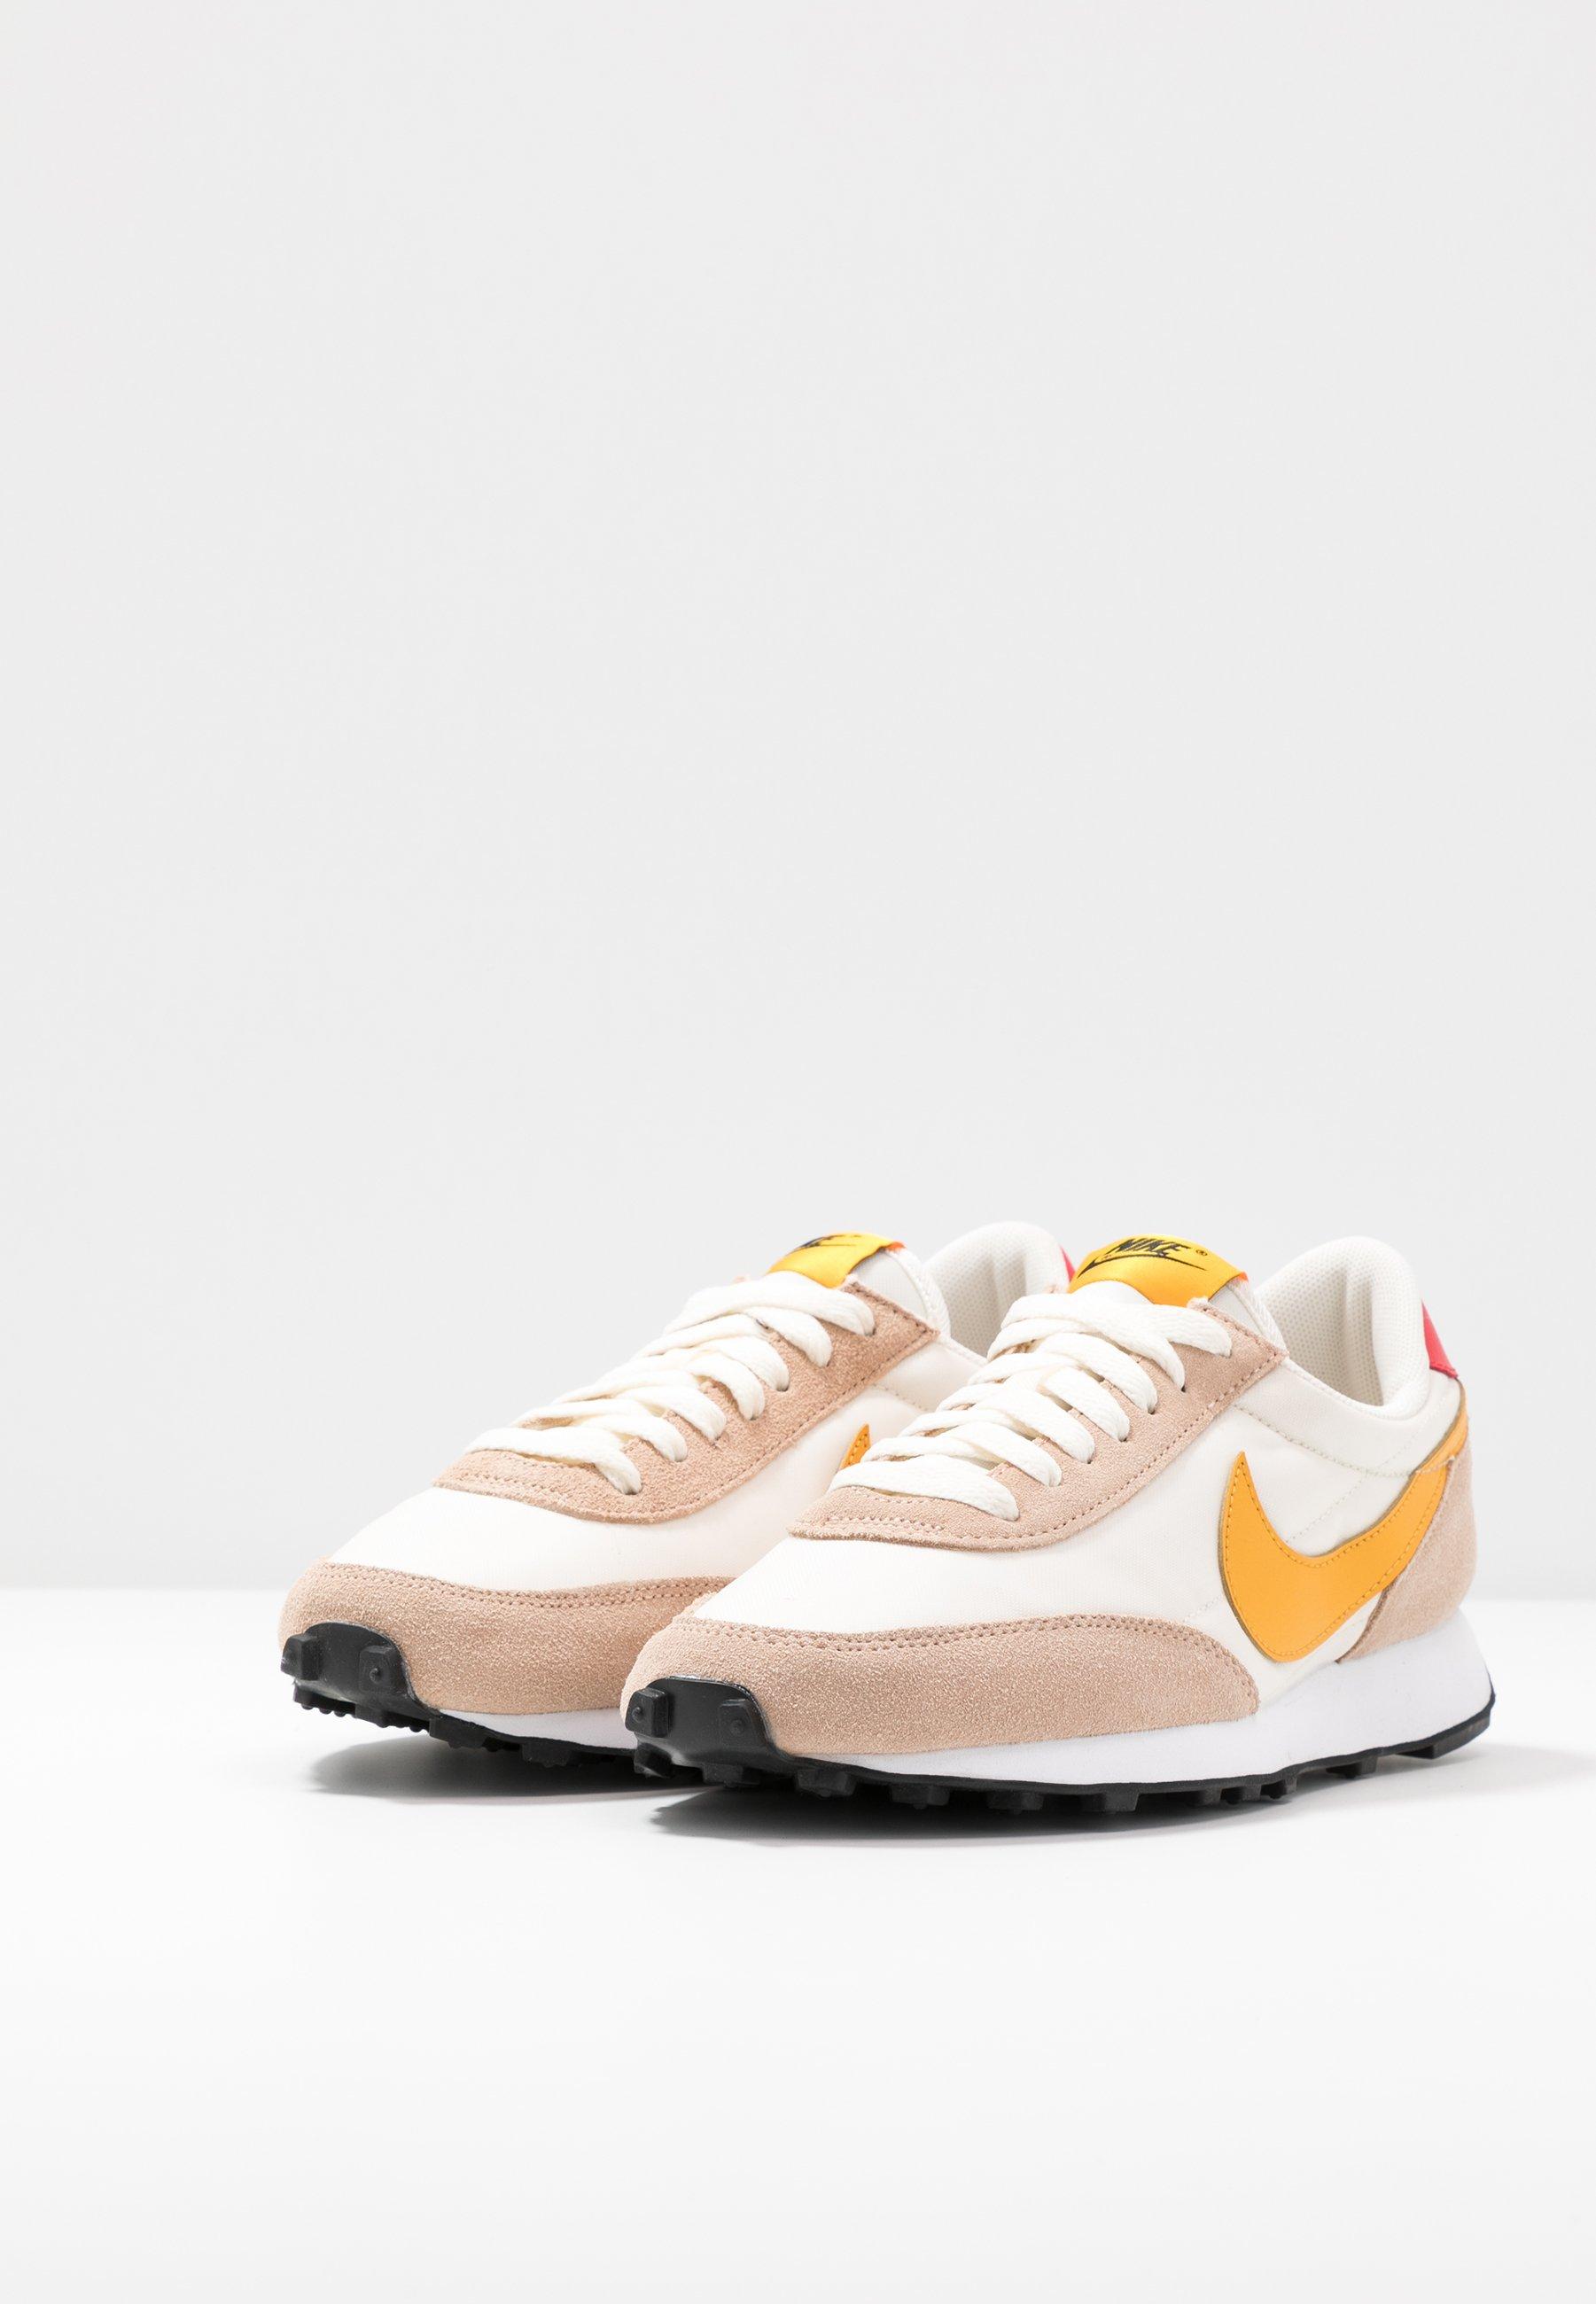 Nike Sportswear DAYBREAK Sneaker low pale ivory/pollen rise/shimmer/track red/black/white/beige